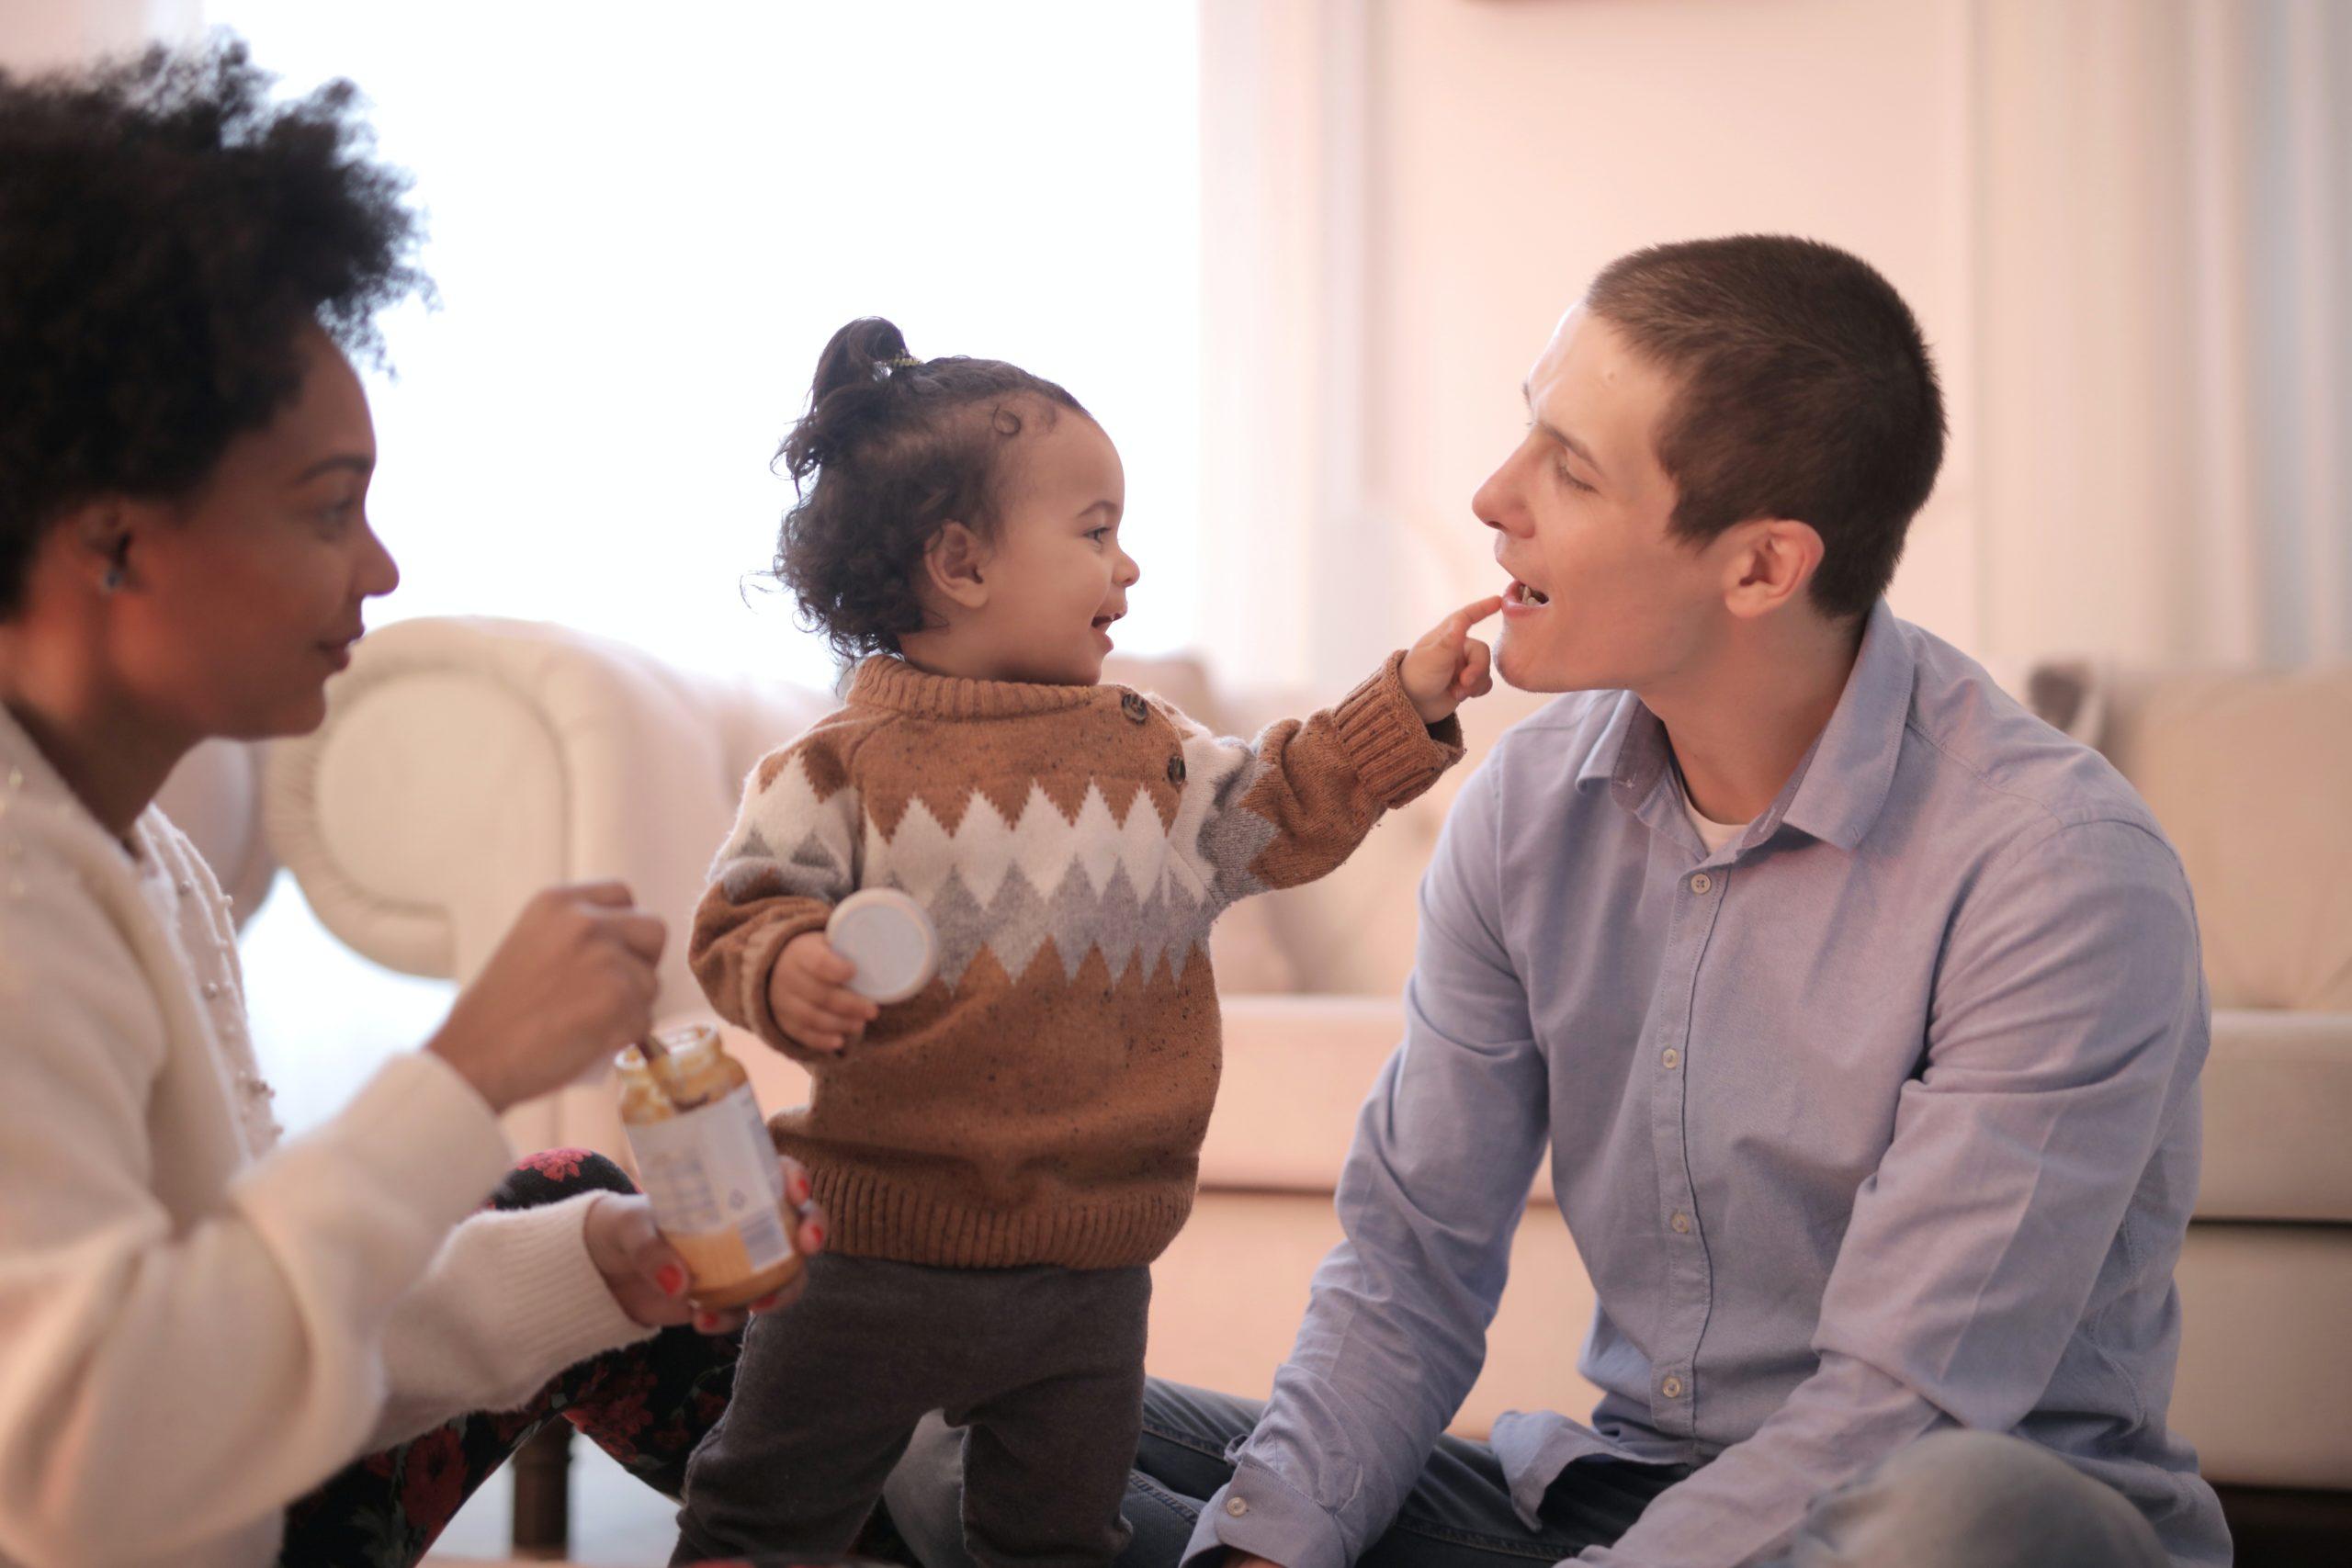 Kinder-Zweisprachig erziehen Methoden